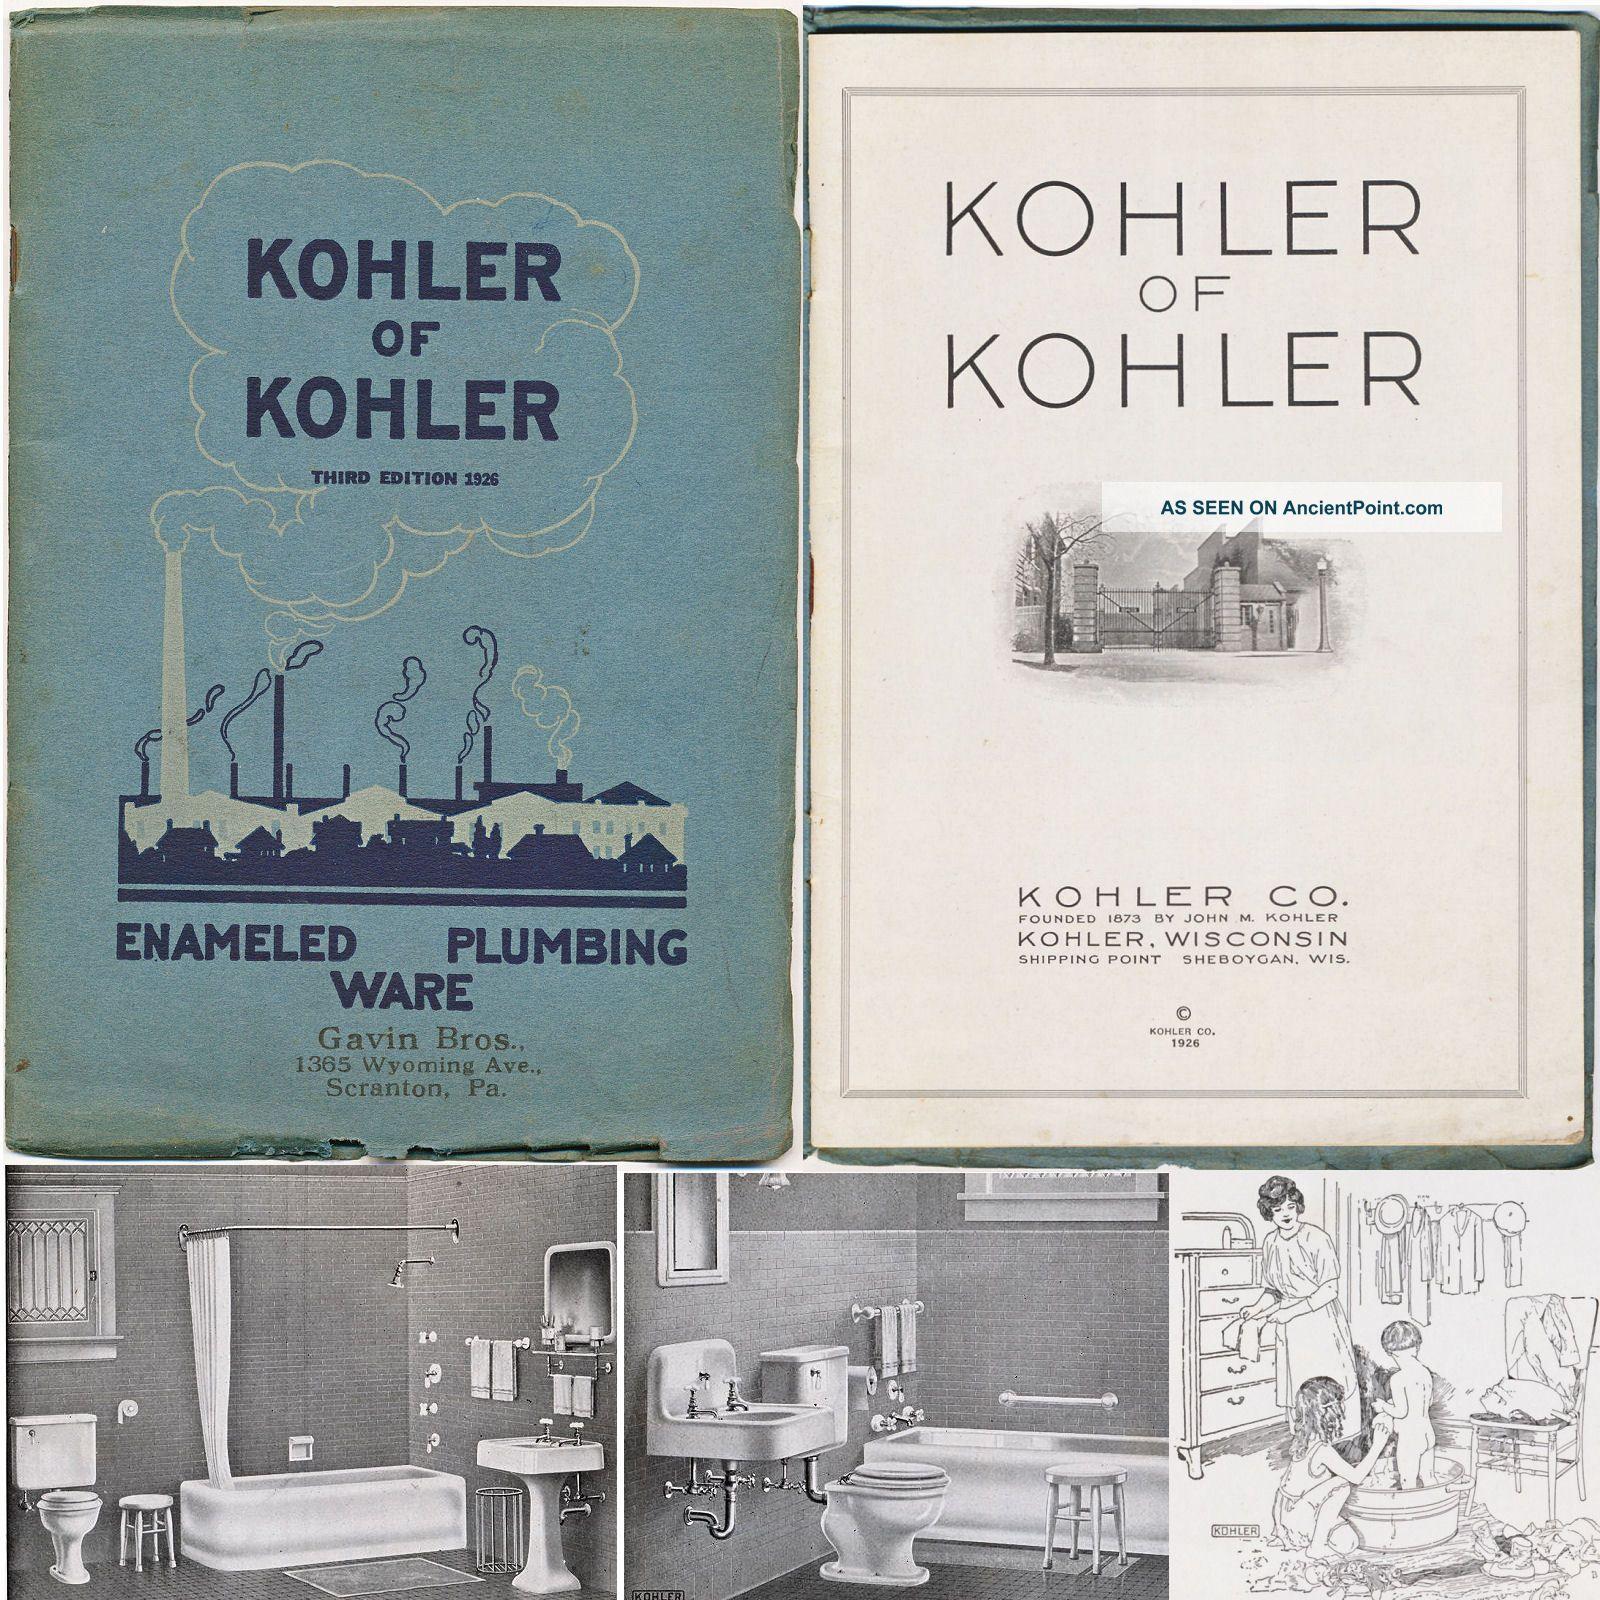 Kohler Of Kohler Enameled Plumbing Ware Brochure 1926 Sinks Tubs Toilets Sinks photo